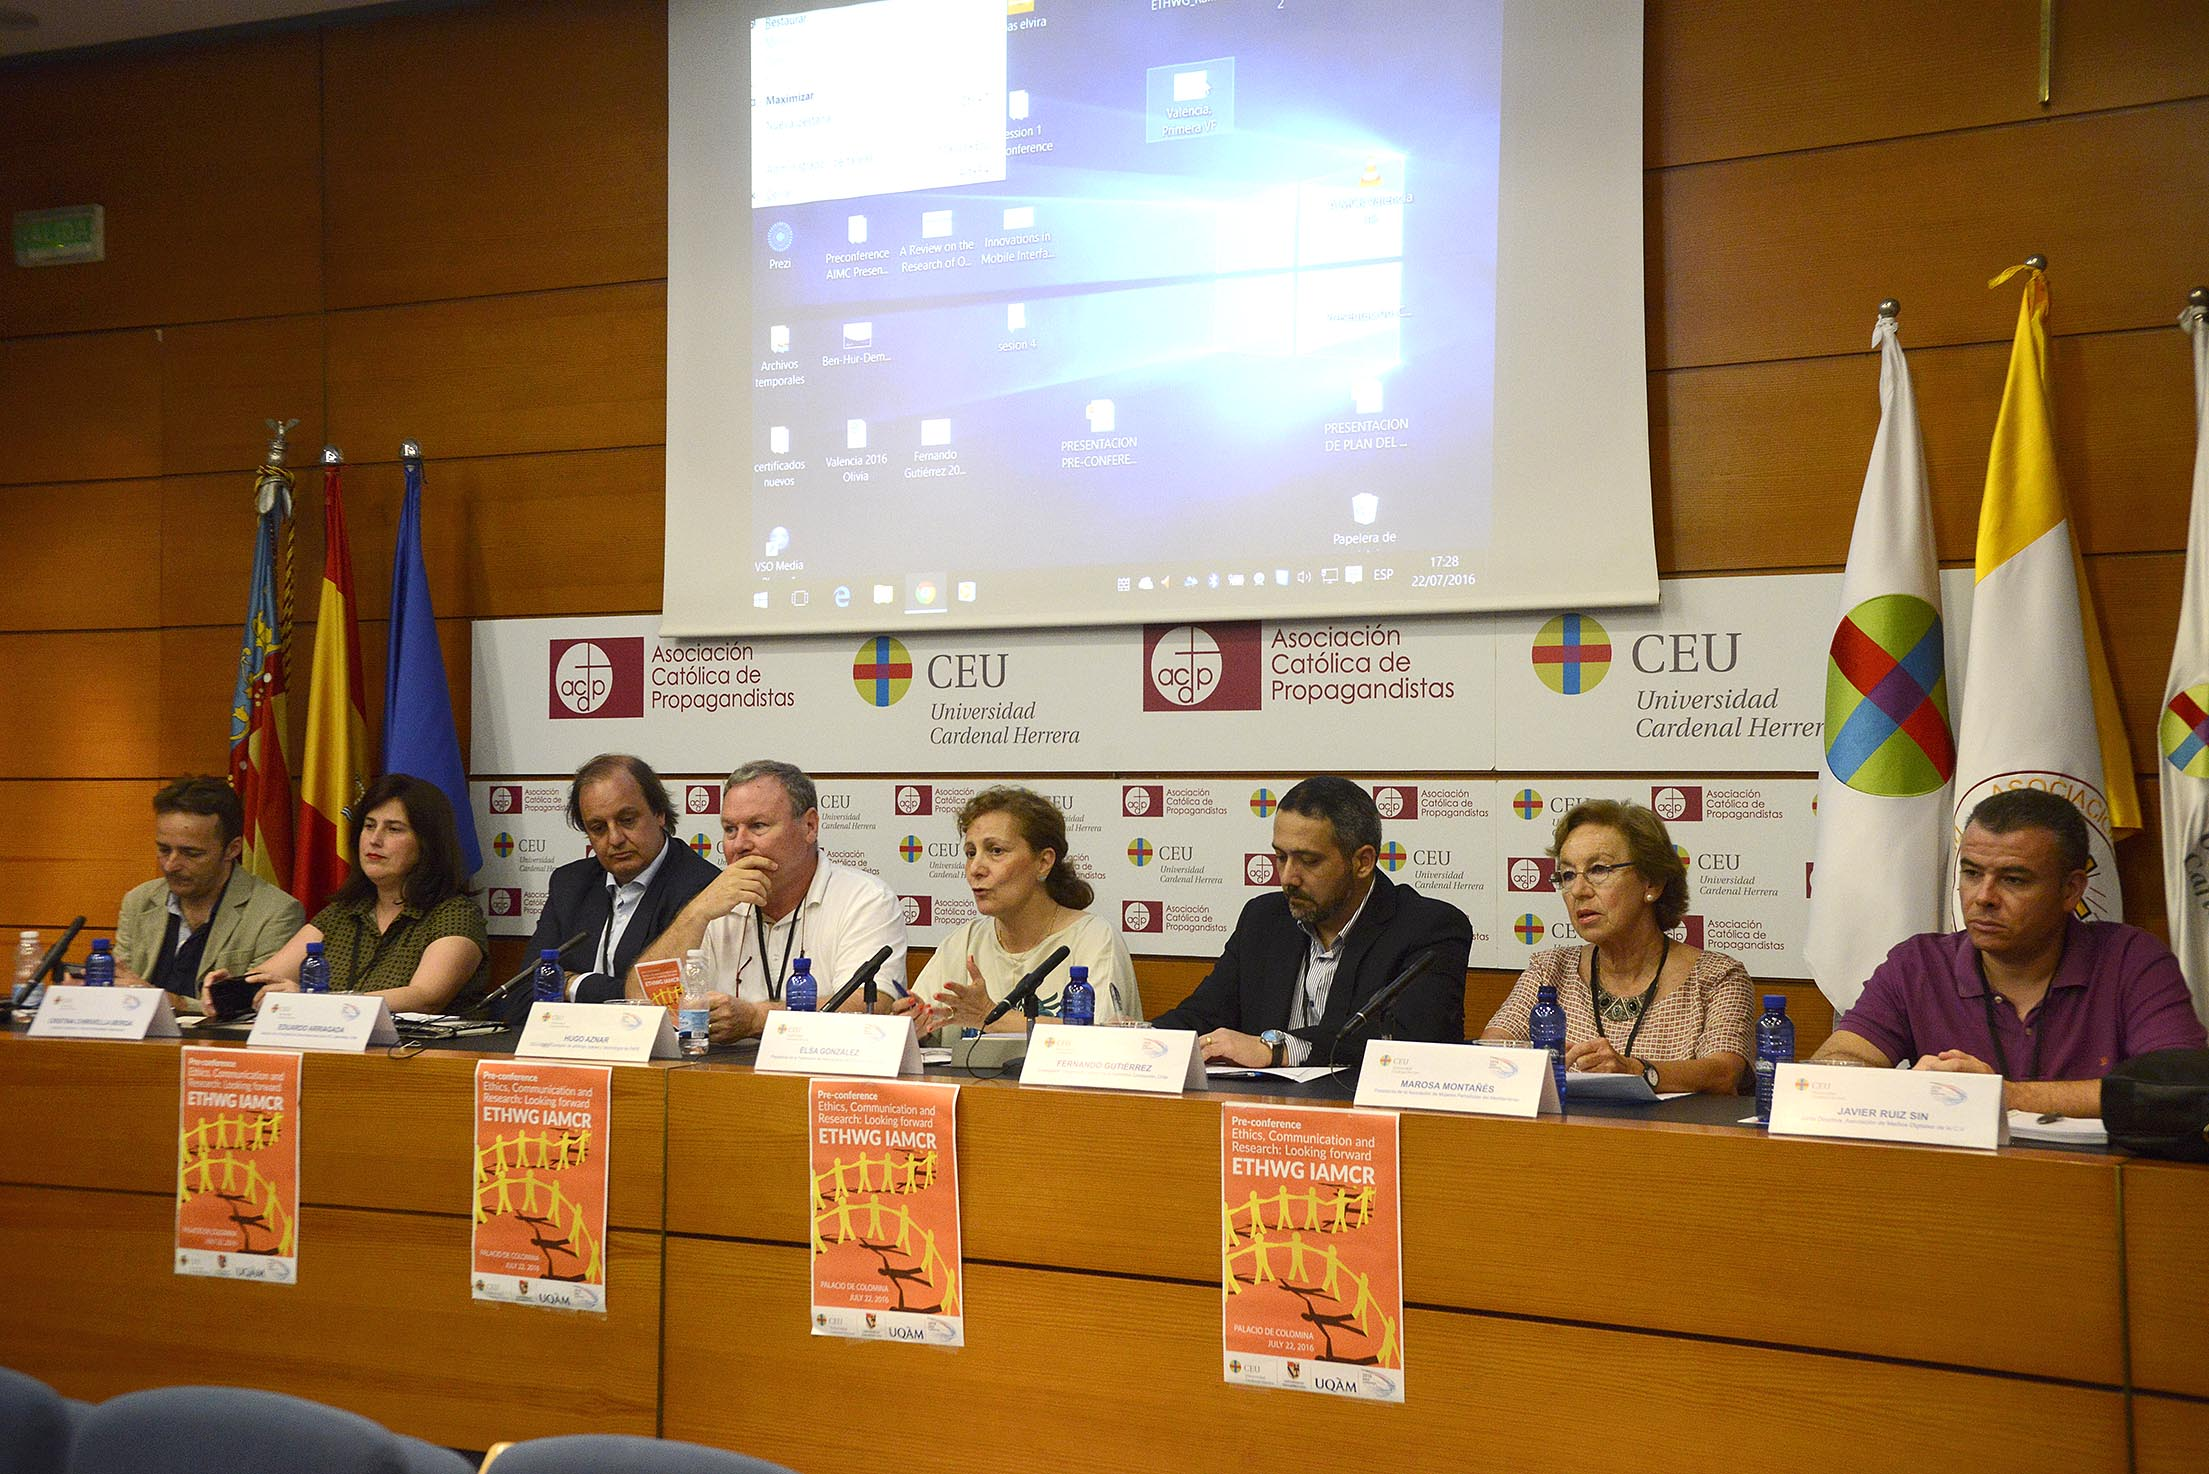 Representantes de cinco asociaciones de periodistas han participado en el Foro Abierto sobre Ética y Comunicación en la CEU-UCH.